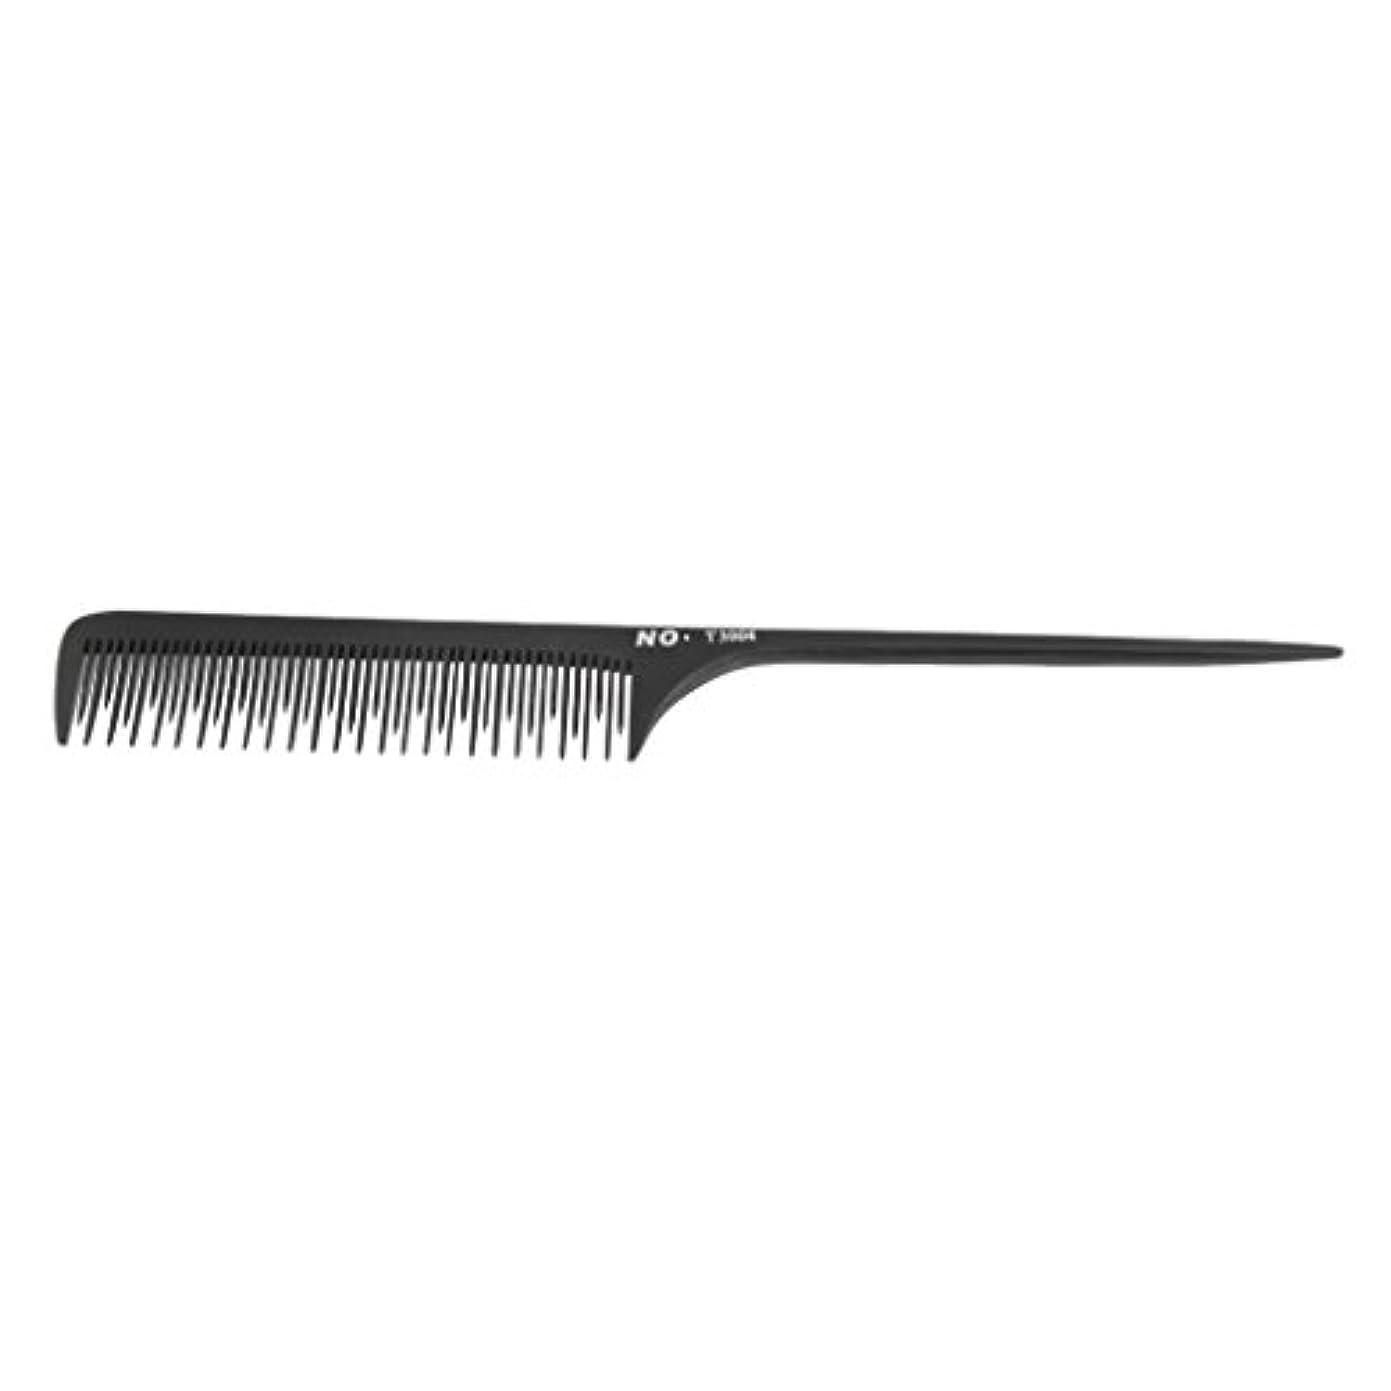 ぬれた世界的にレコーダーサロン 理髪師 ヘアスタイリング 櫛 テールコーム ヘアコーム ヘアブラシ プロ 2タイプ選べ - t3004